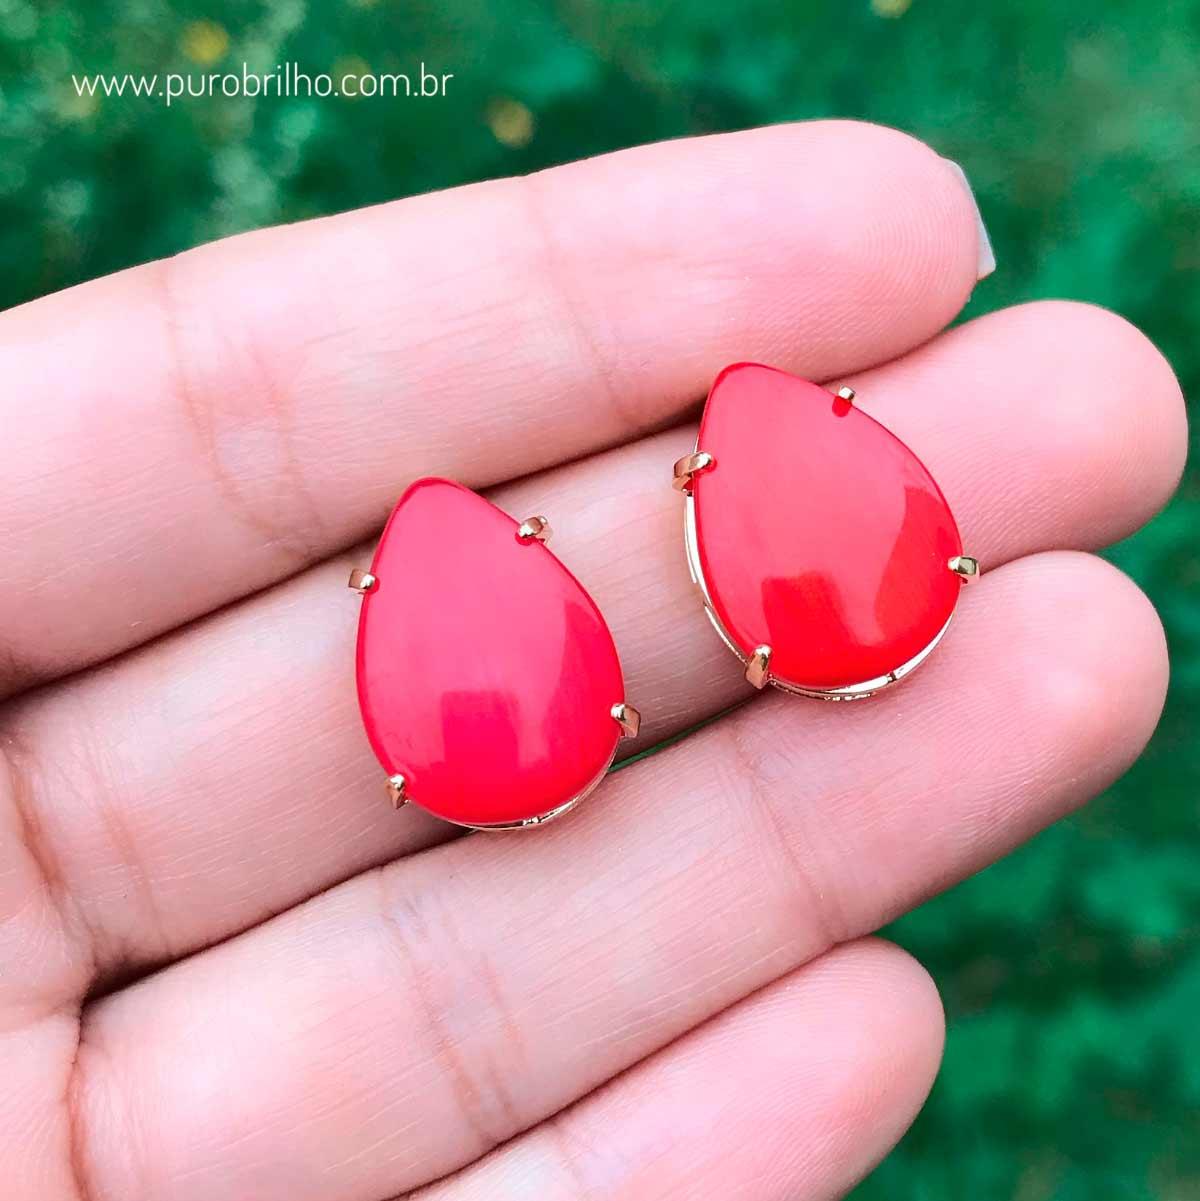 Brinco Semijoia com Pedra Sintética  Gota Vermelha e Laterais Vazadas Folheado a Ouro 18K